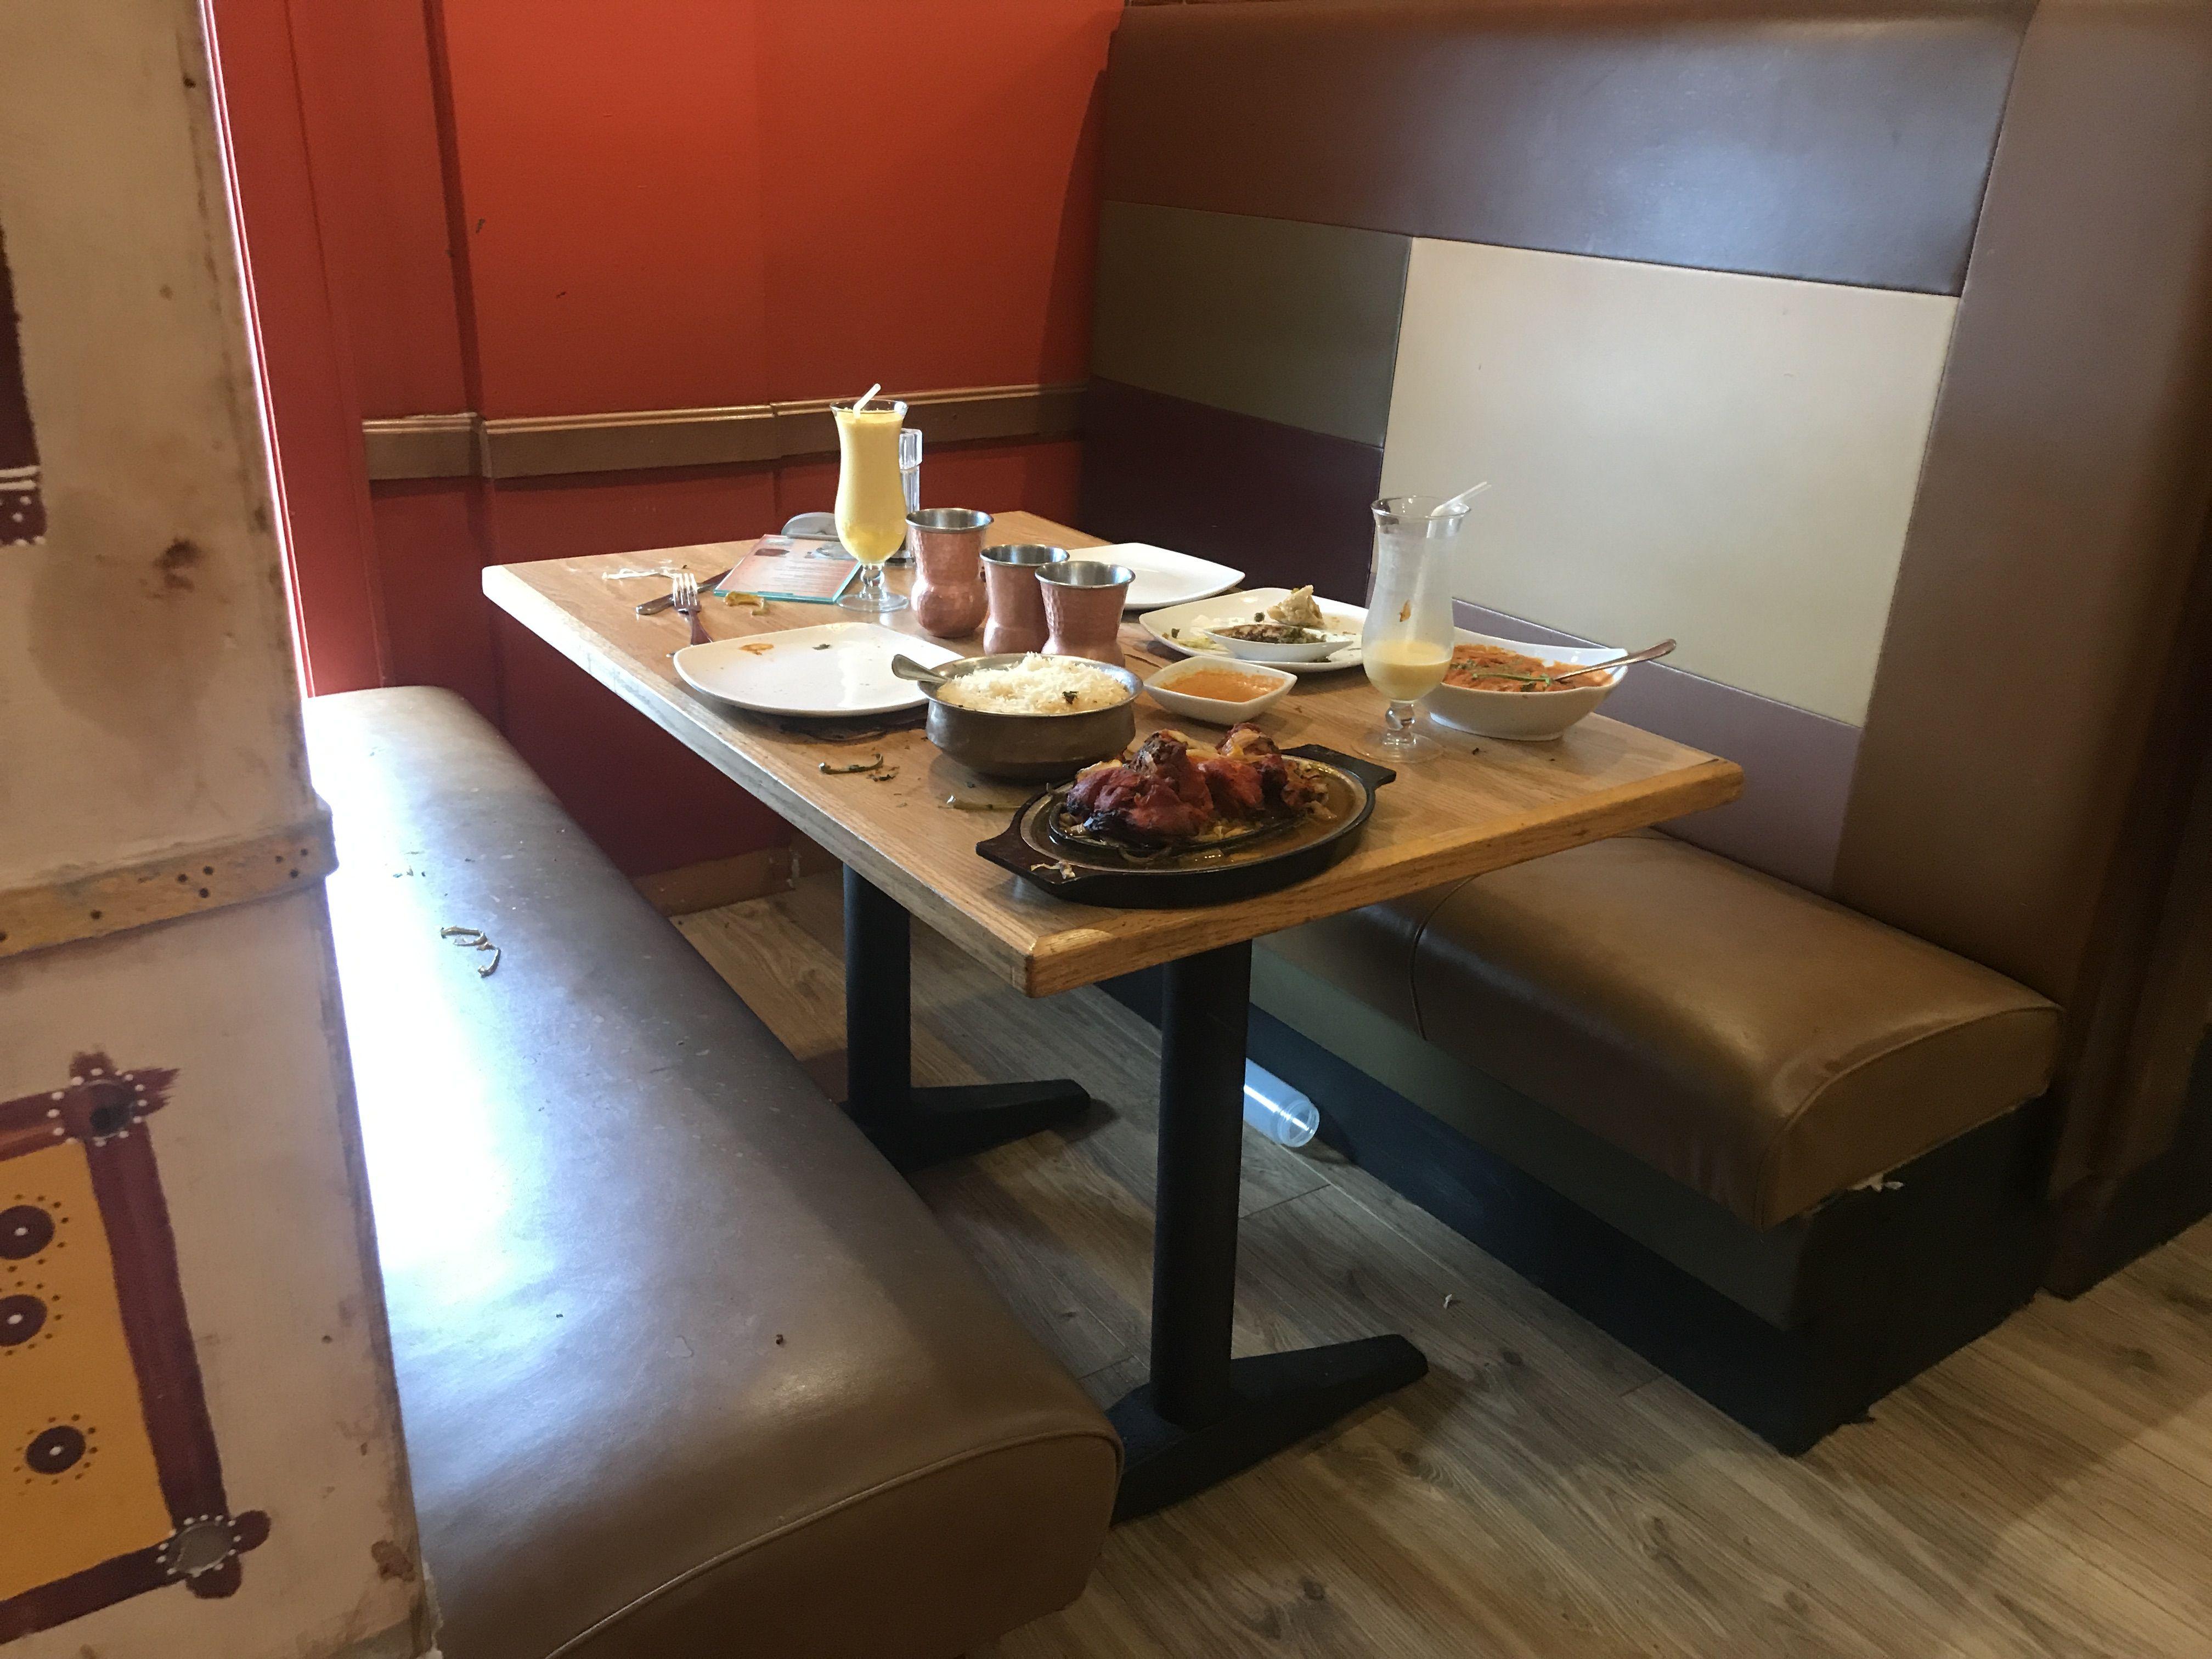 Indian restaurants interior design customer server burned during cooking demo at indian restaurant